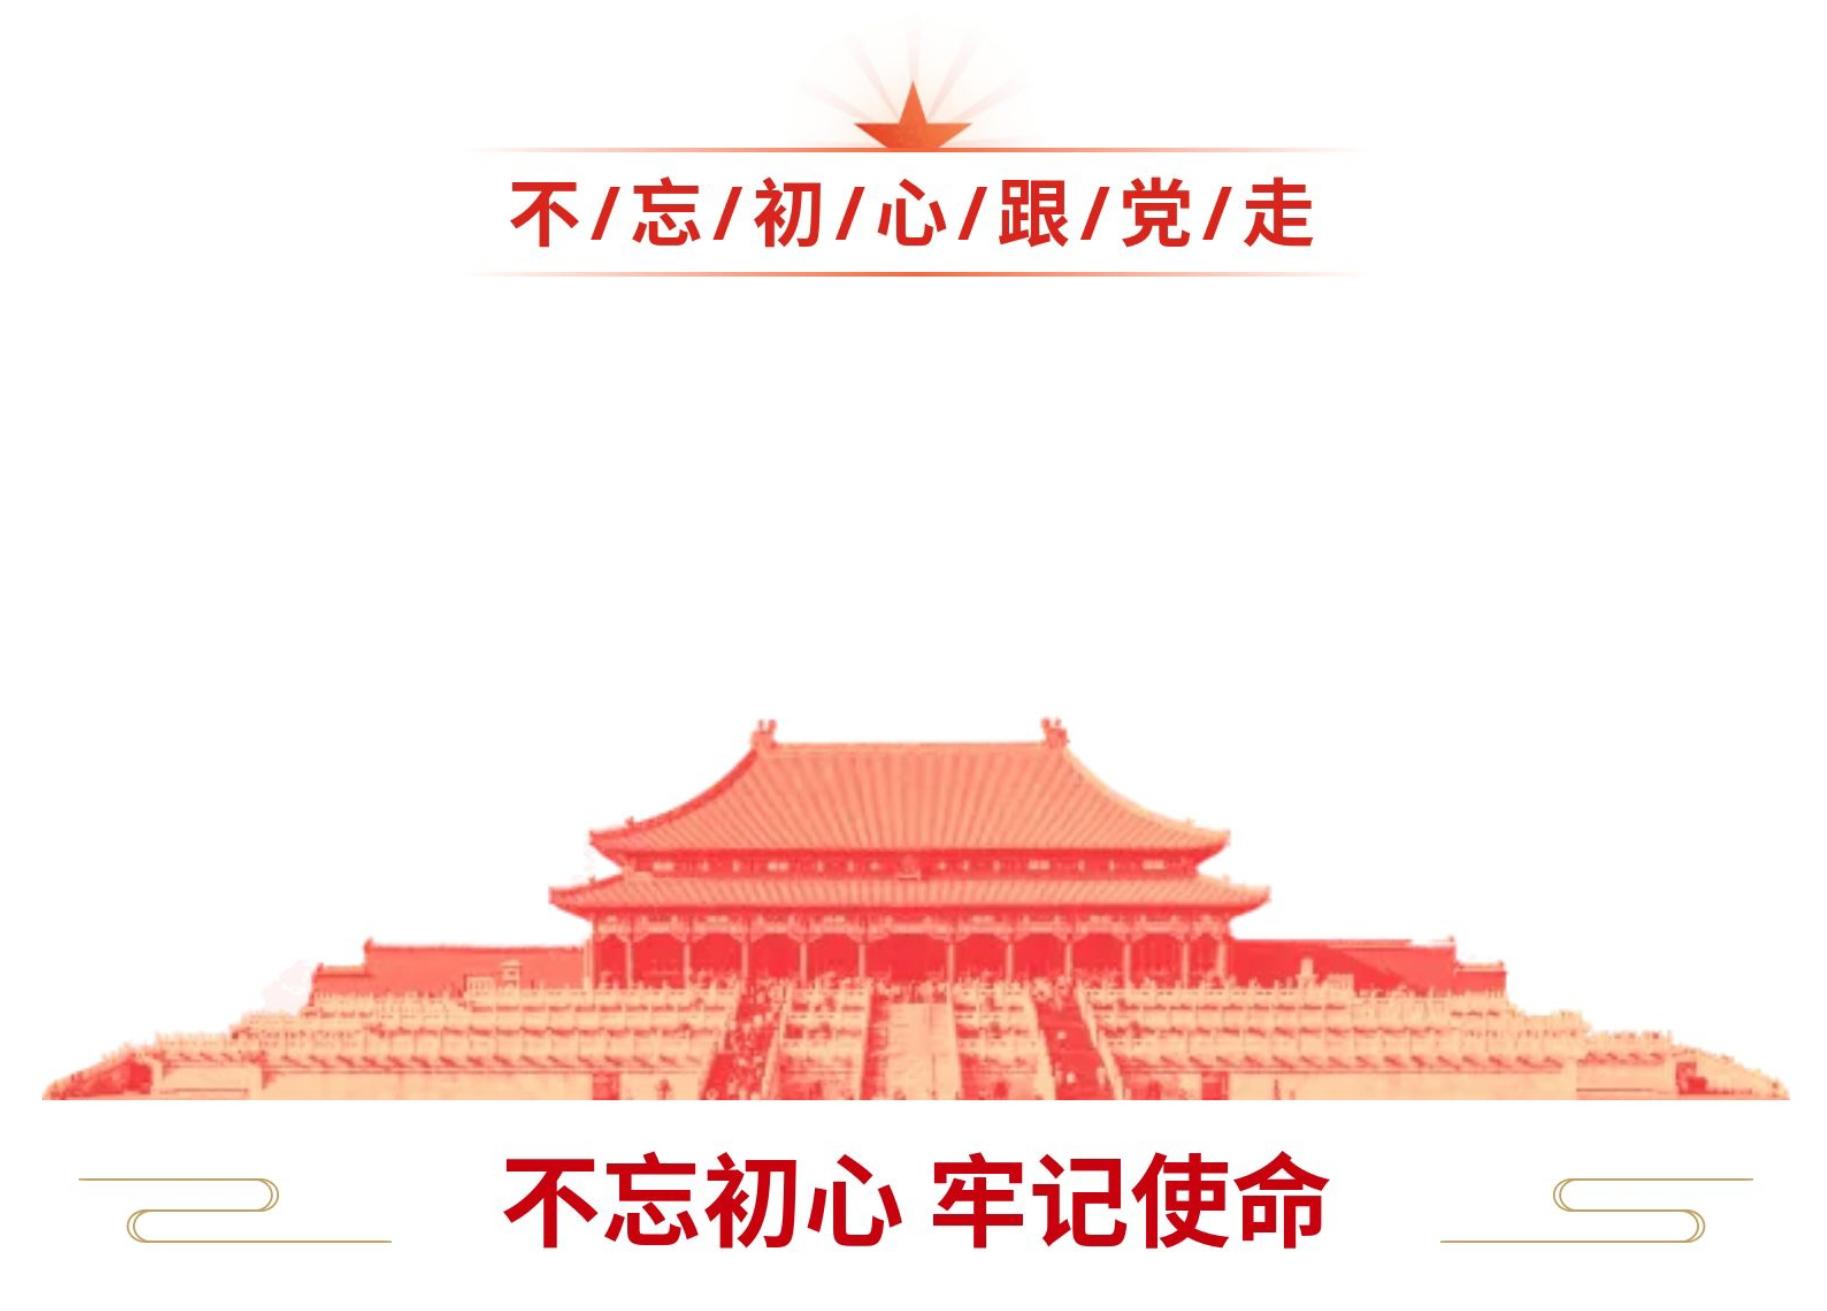 新春慰问送关怀,岁寒情深暖人心